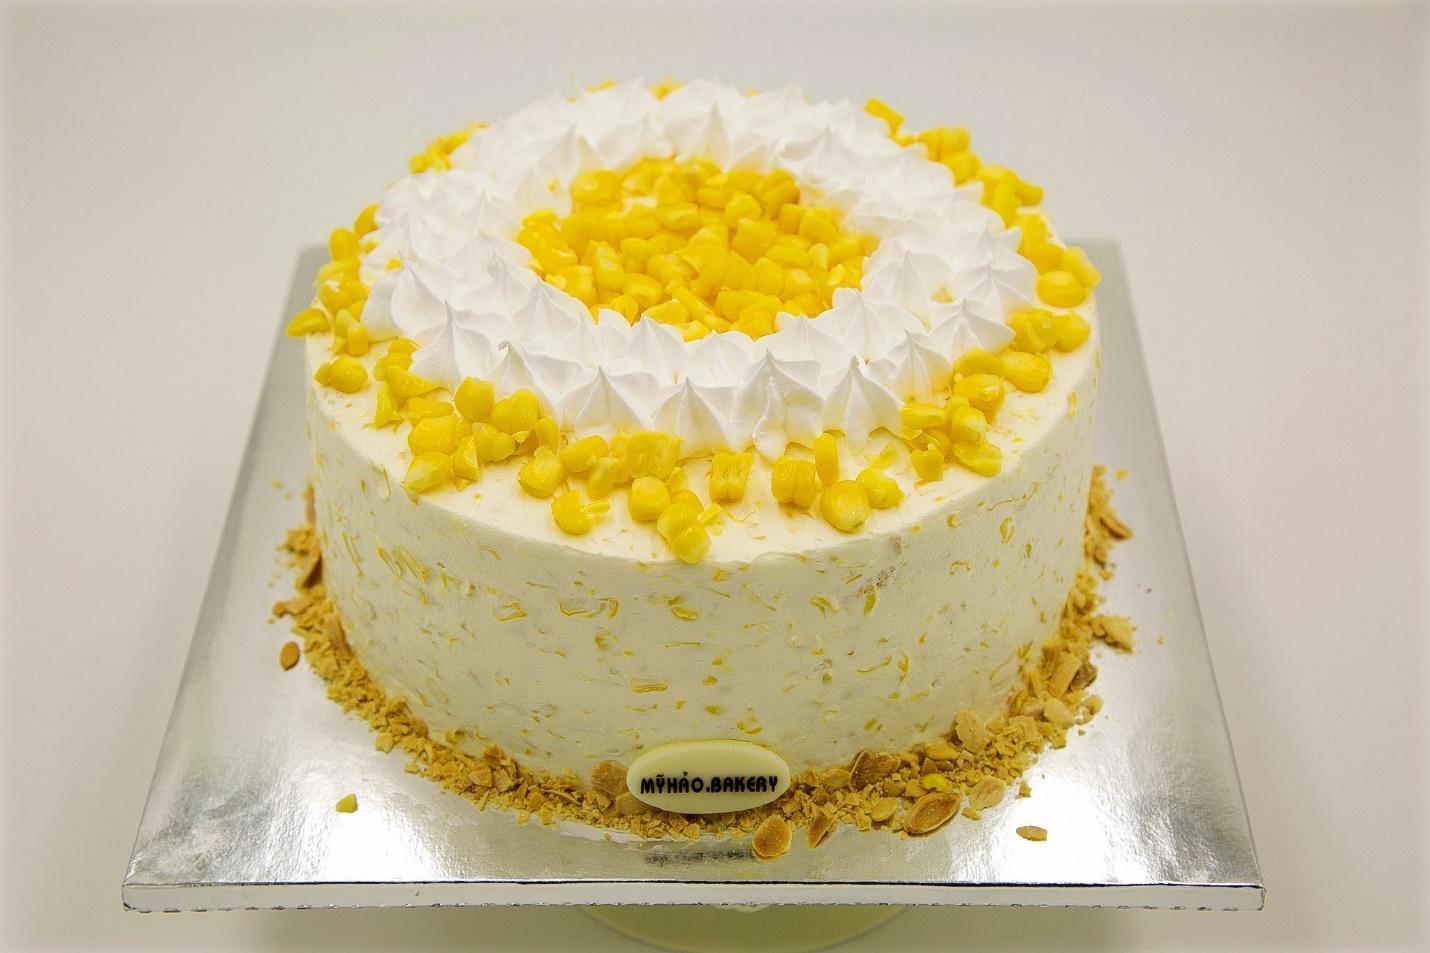 Cách lựa chọn bánh sinh nhật bắp cho những người chưa nhiều kinh nghiệm